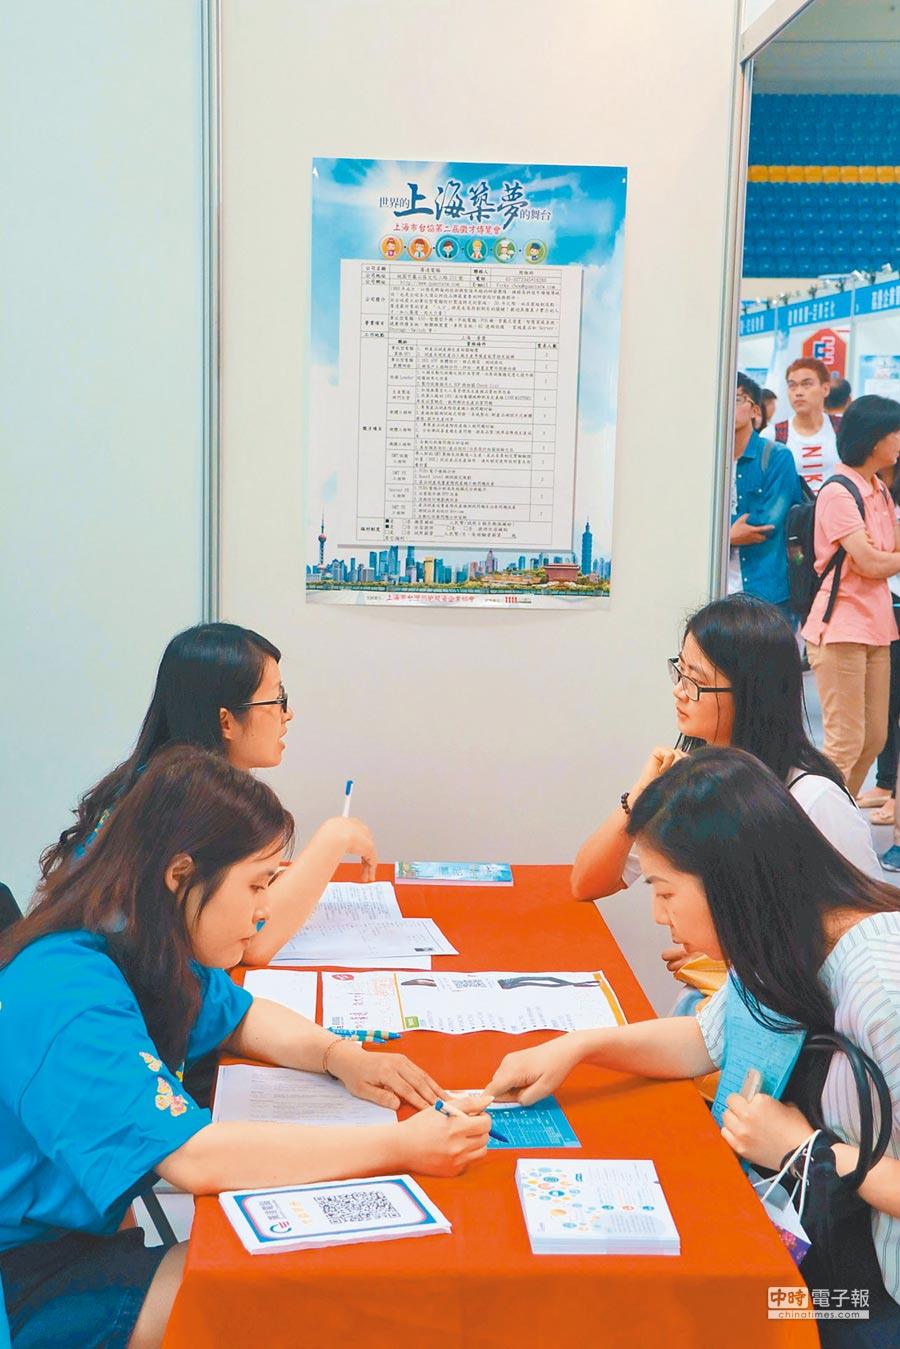 6月2日,上海市台協舉辦第二屆徵才博覽會,吸引台青到場尋找就業機遇。(本報資料照片)